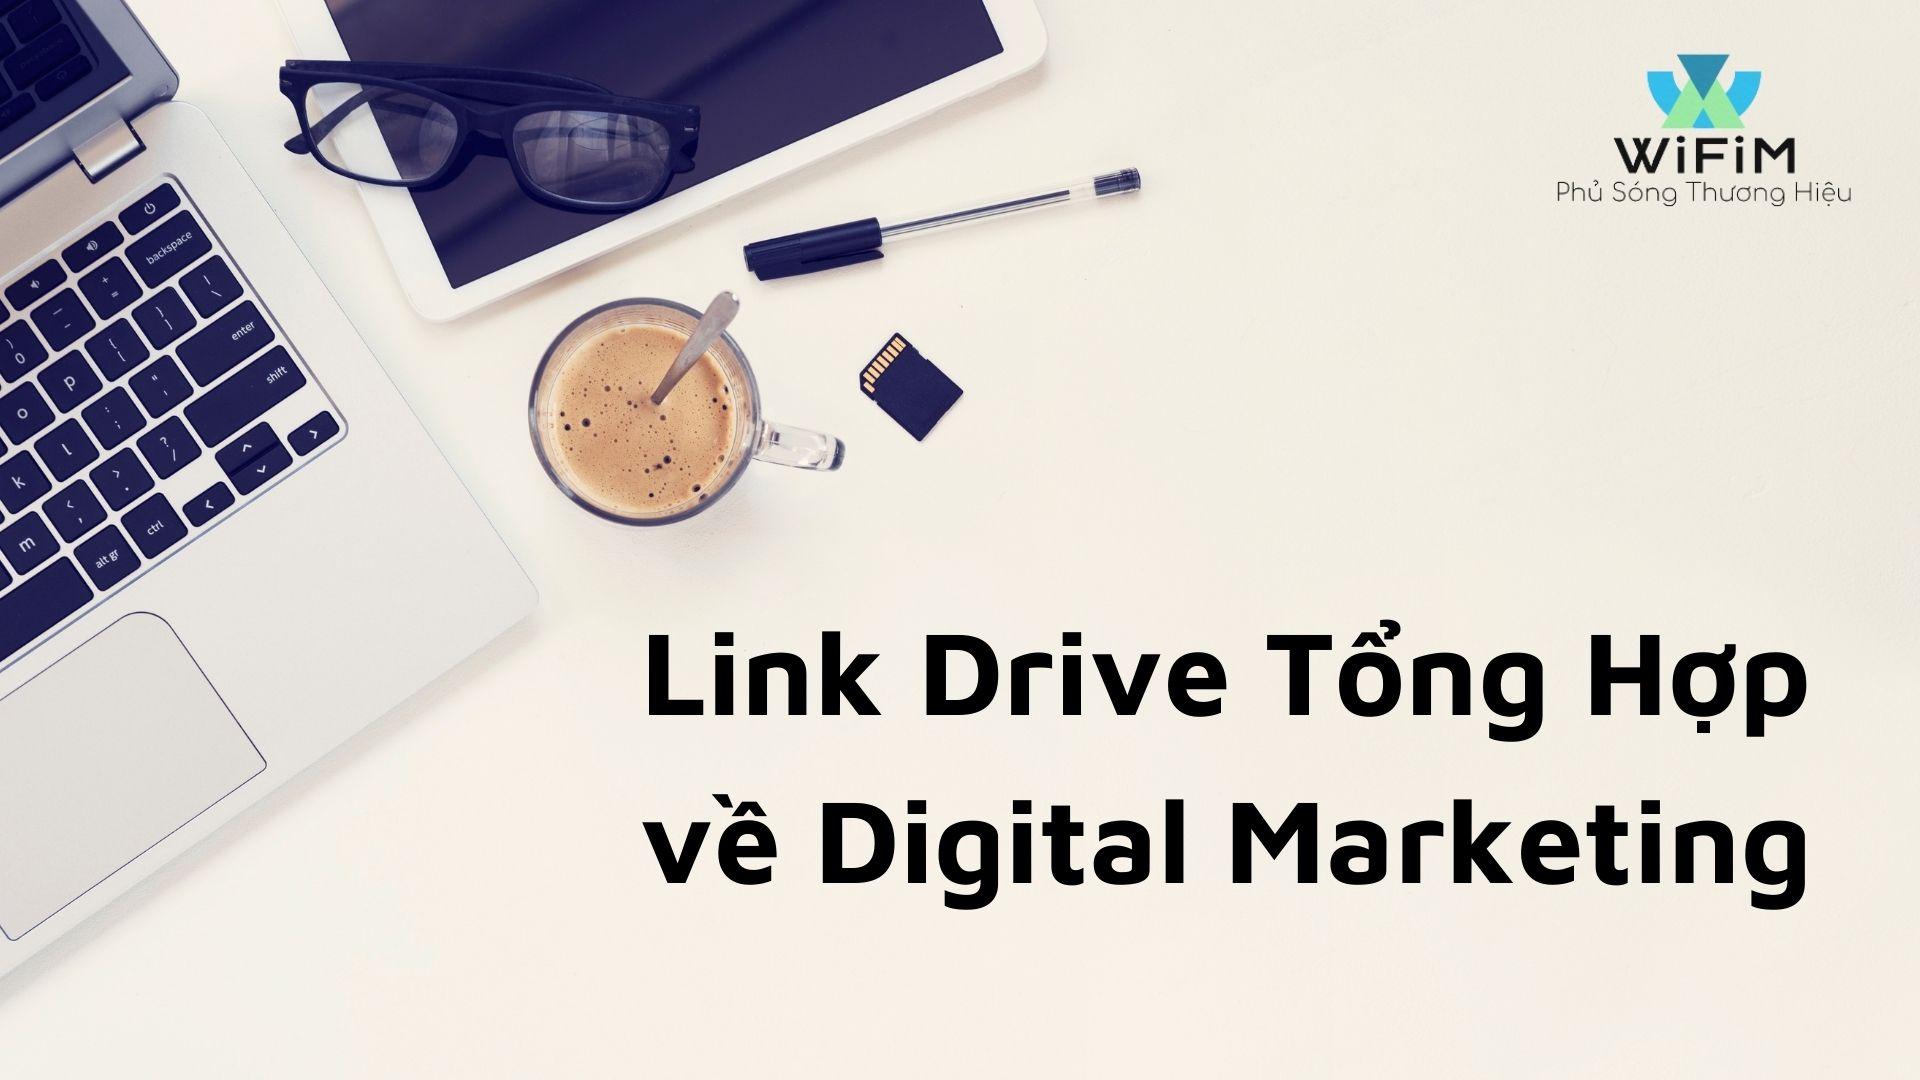 Link Drive tổng hợp về Digital Marketing